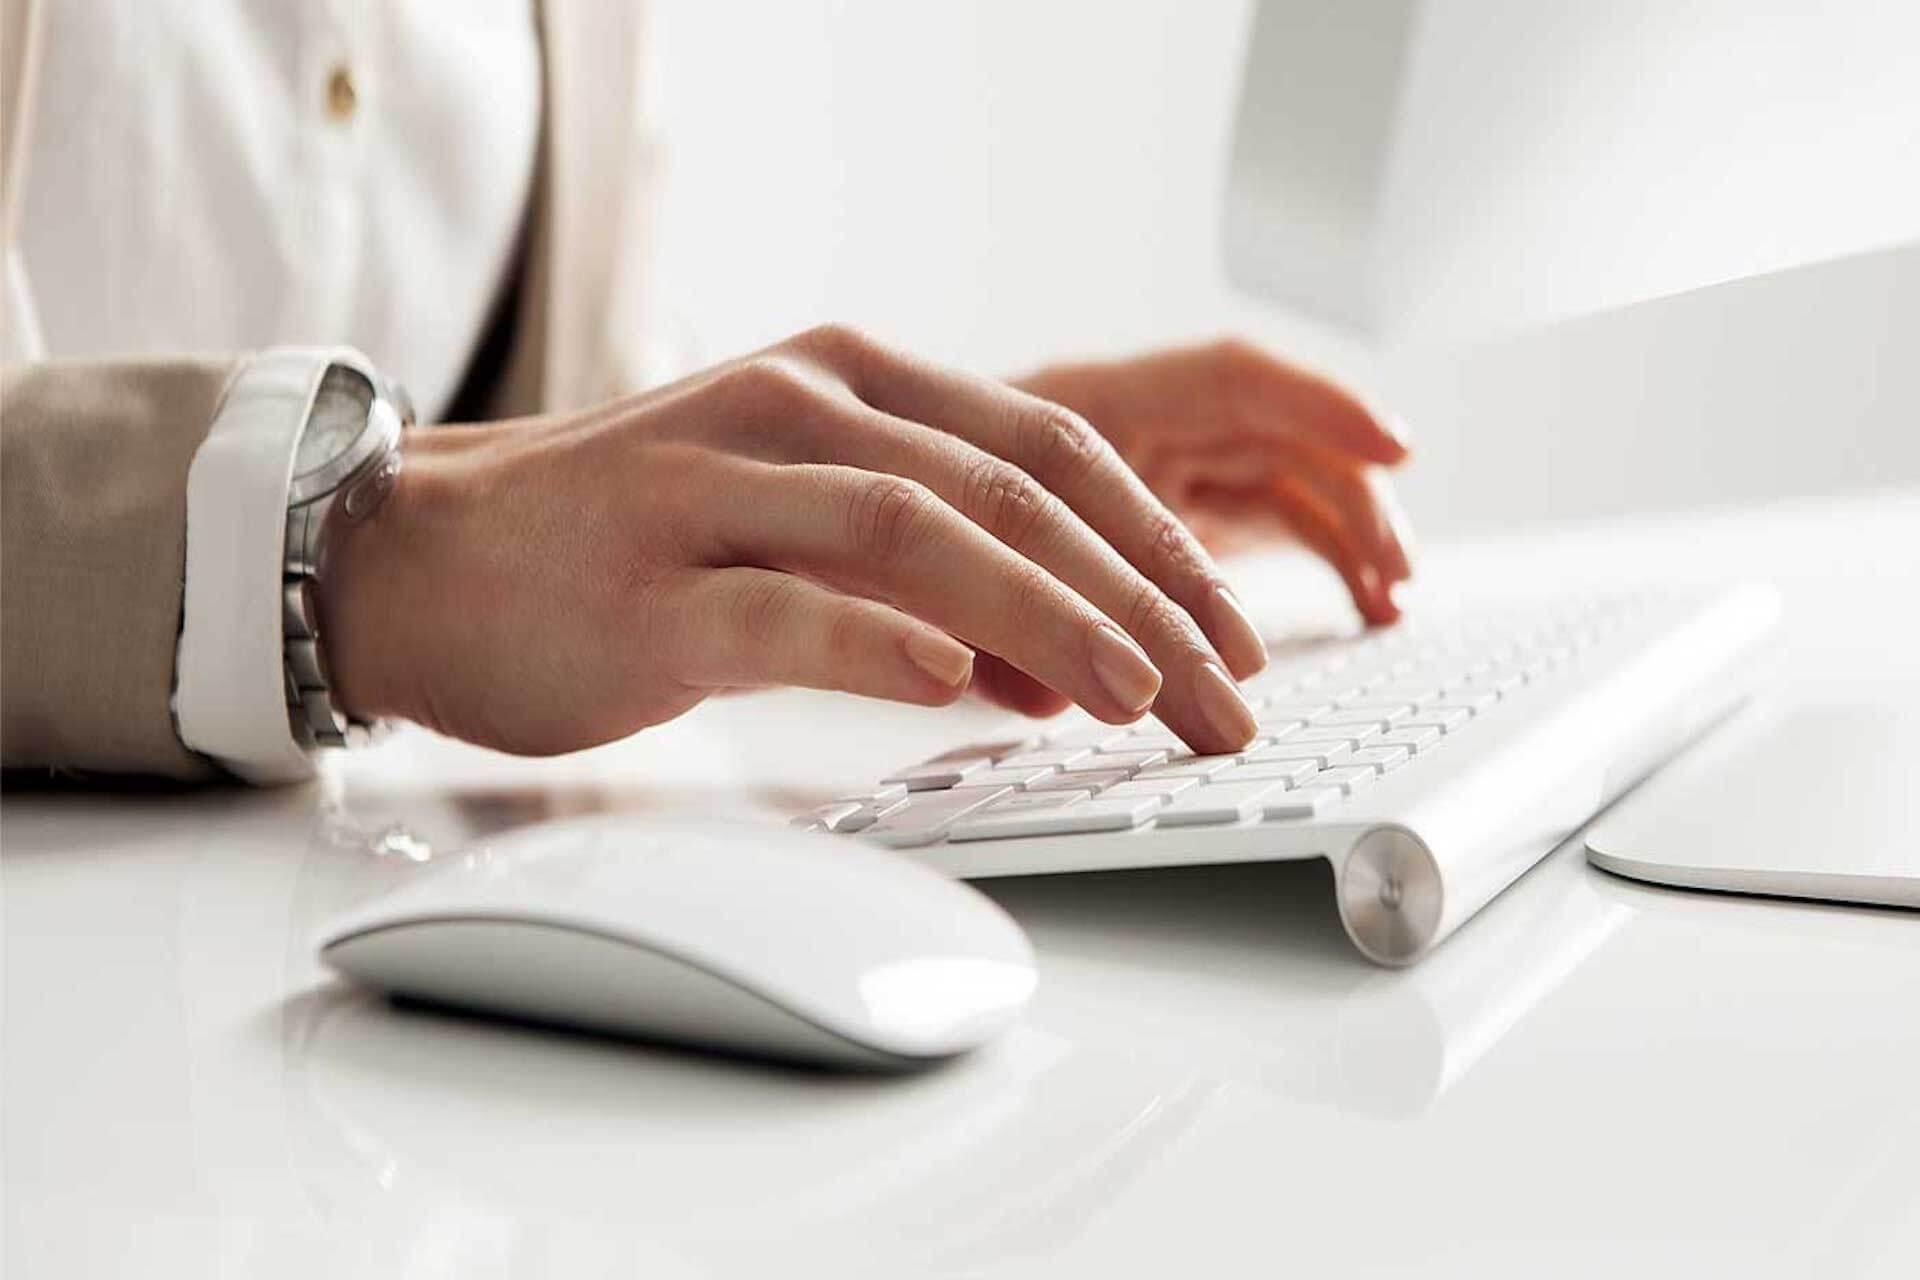 技术分析:苹果之后 HTML5将改变移动互联网